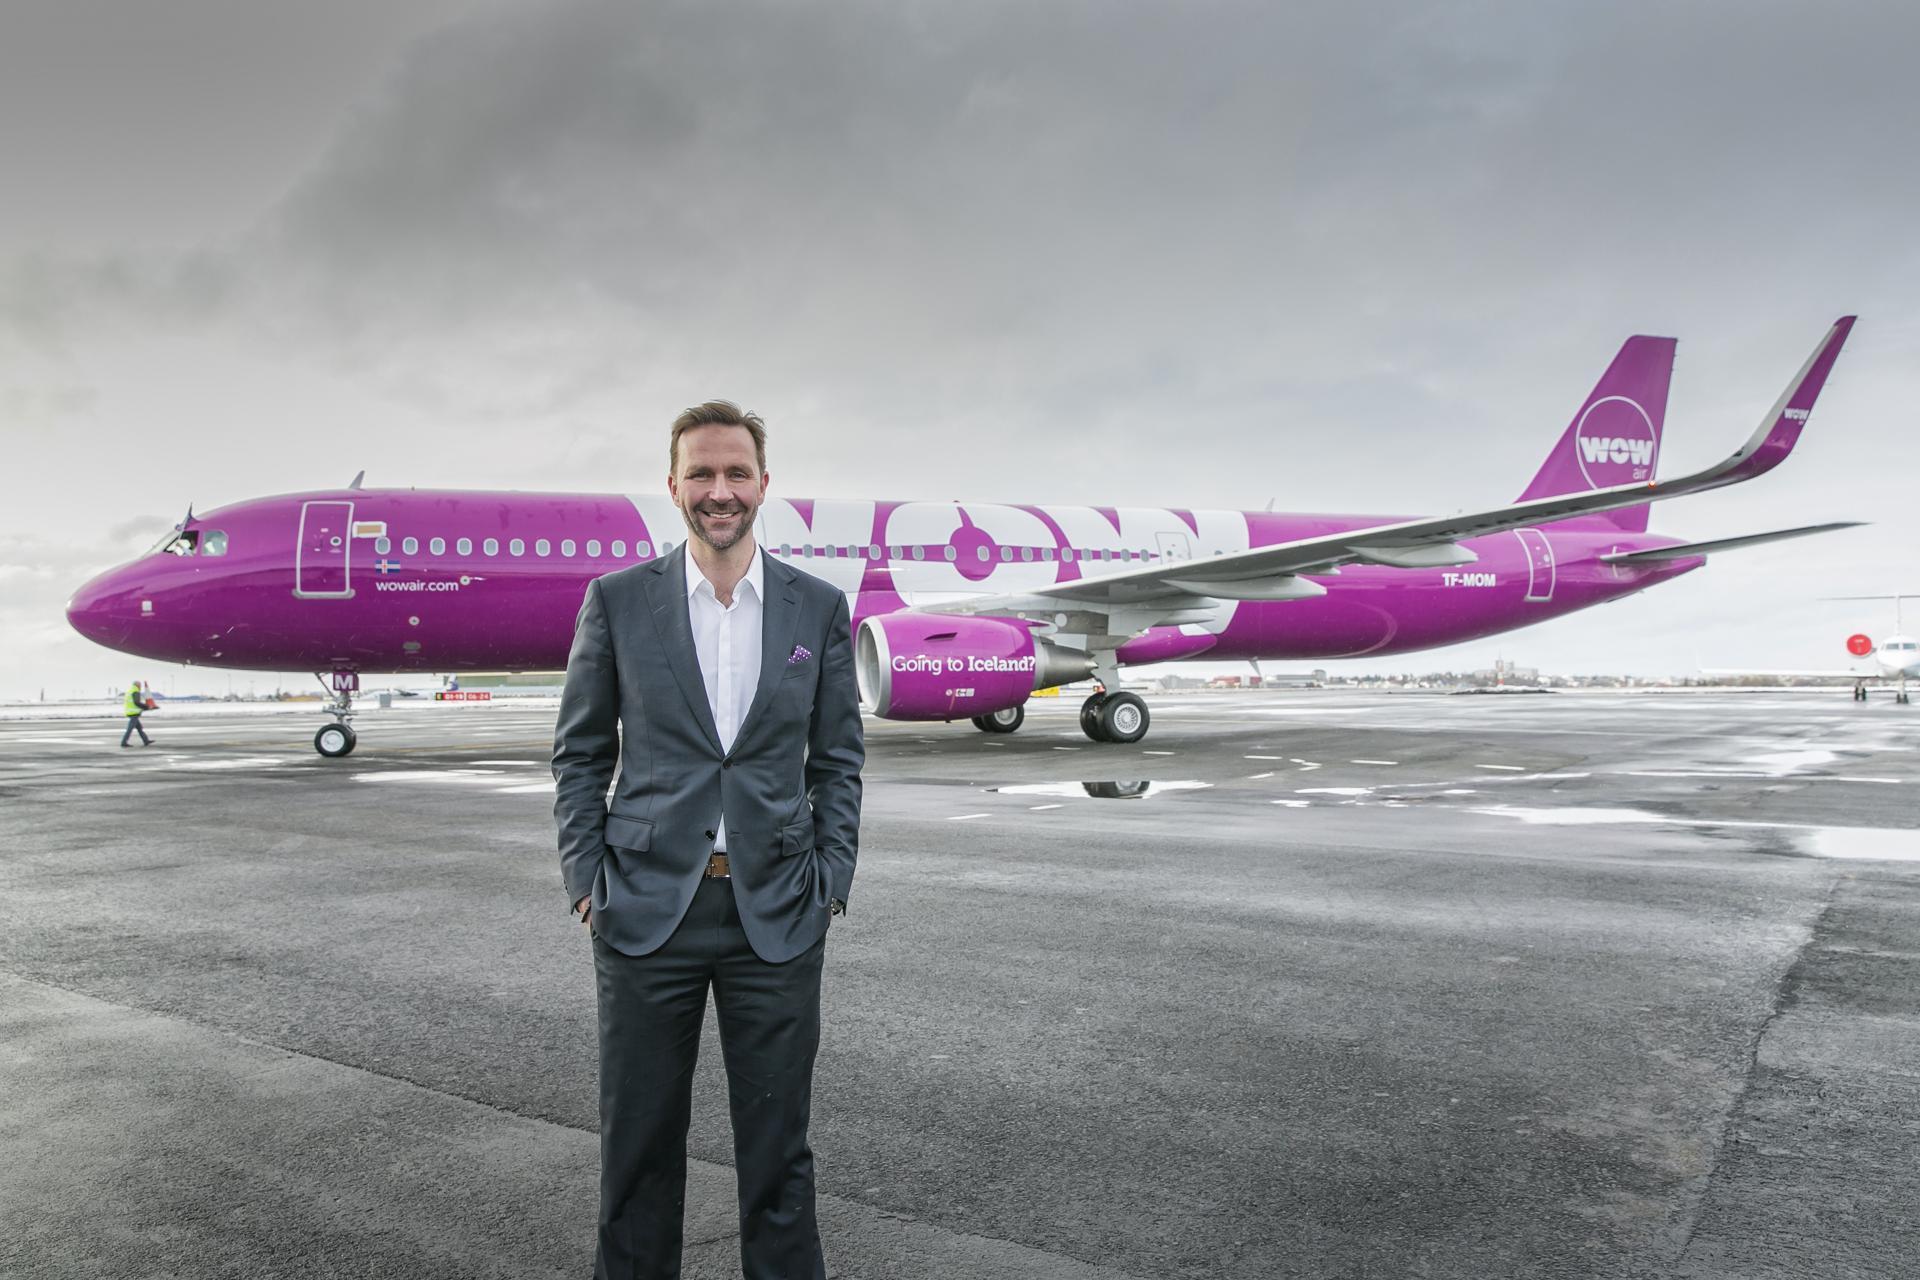 Skúli Mogensen, dem Geschäftsführer und Gründer von WOW air